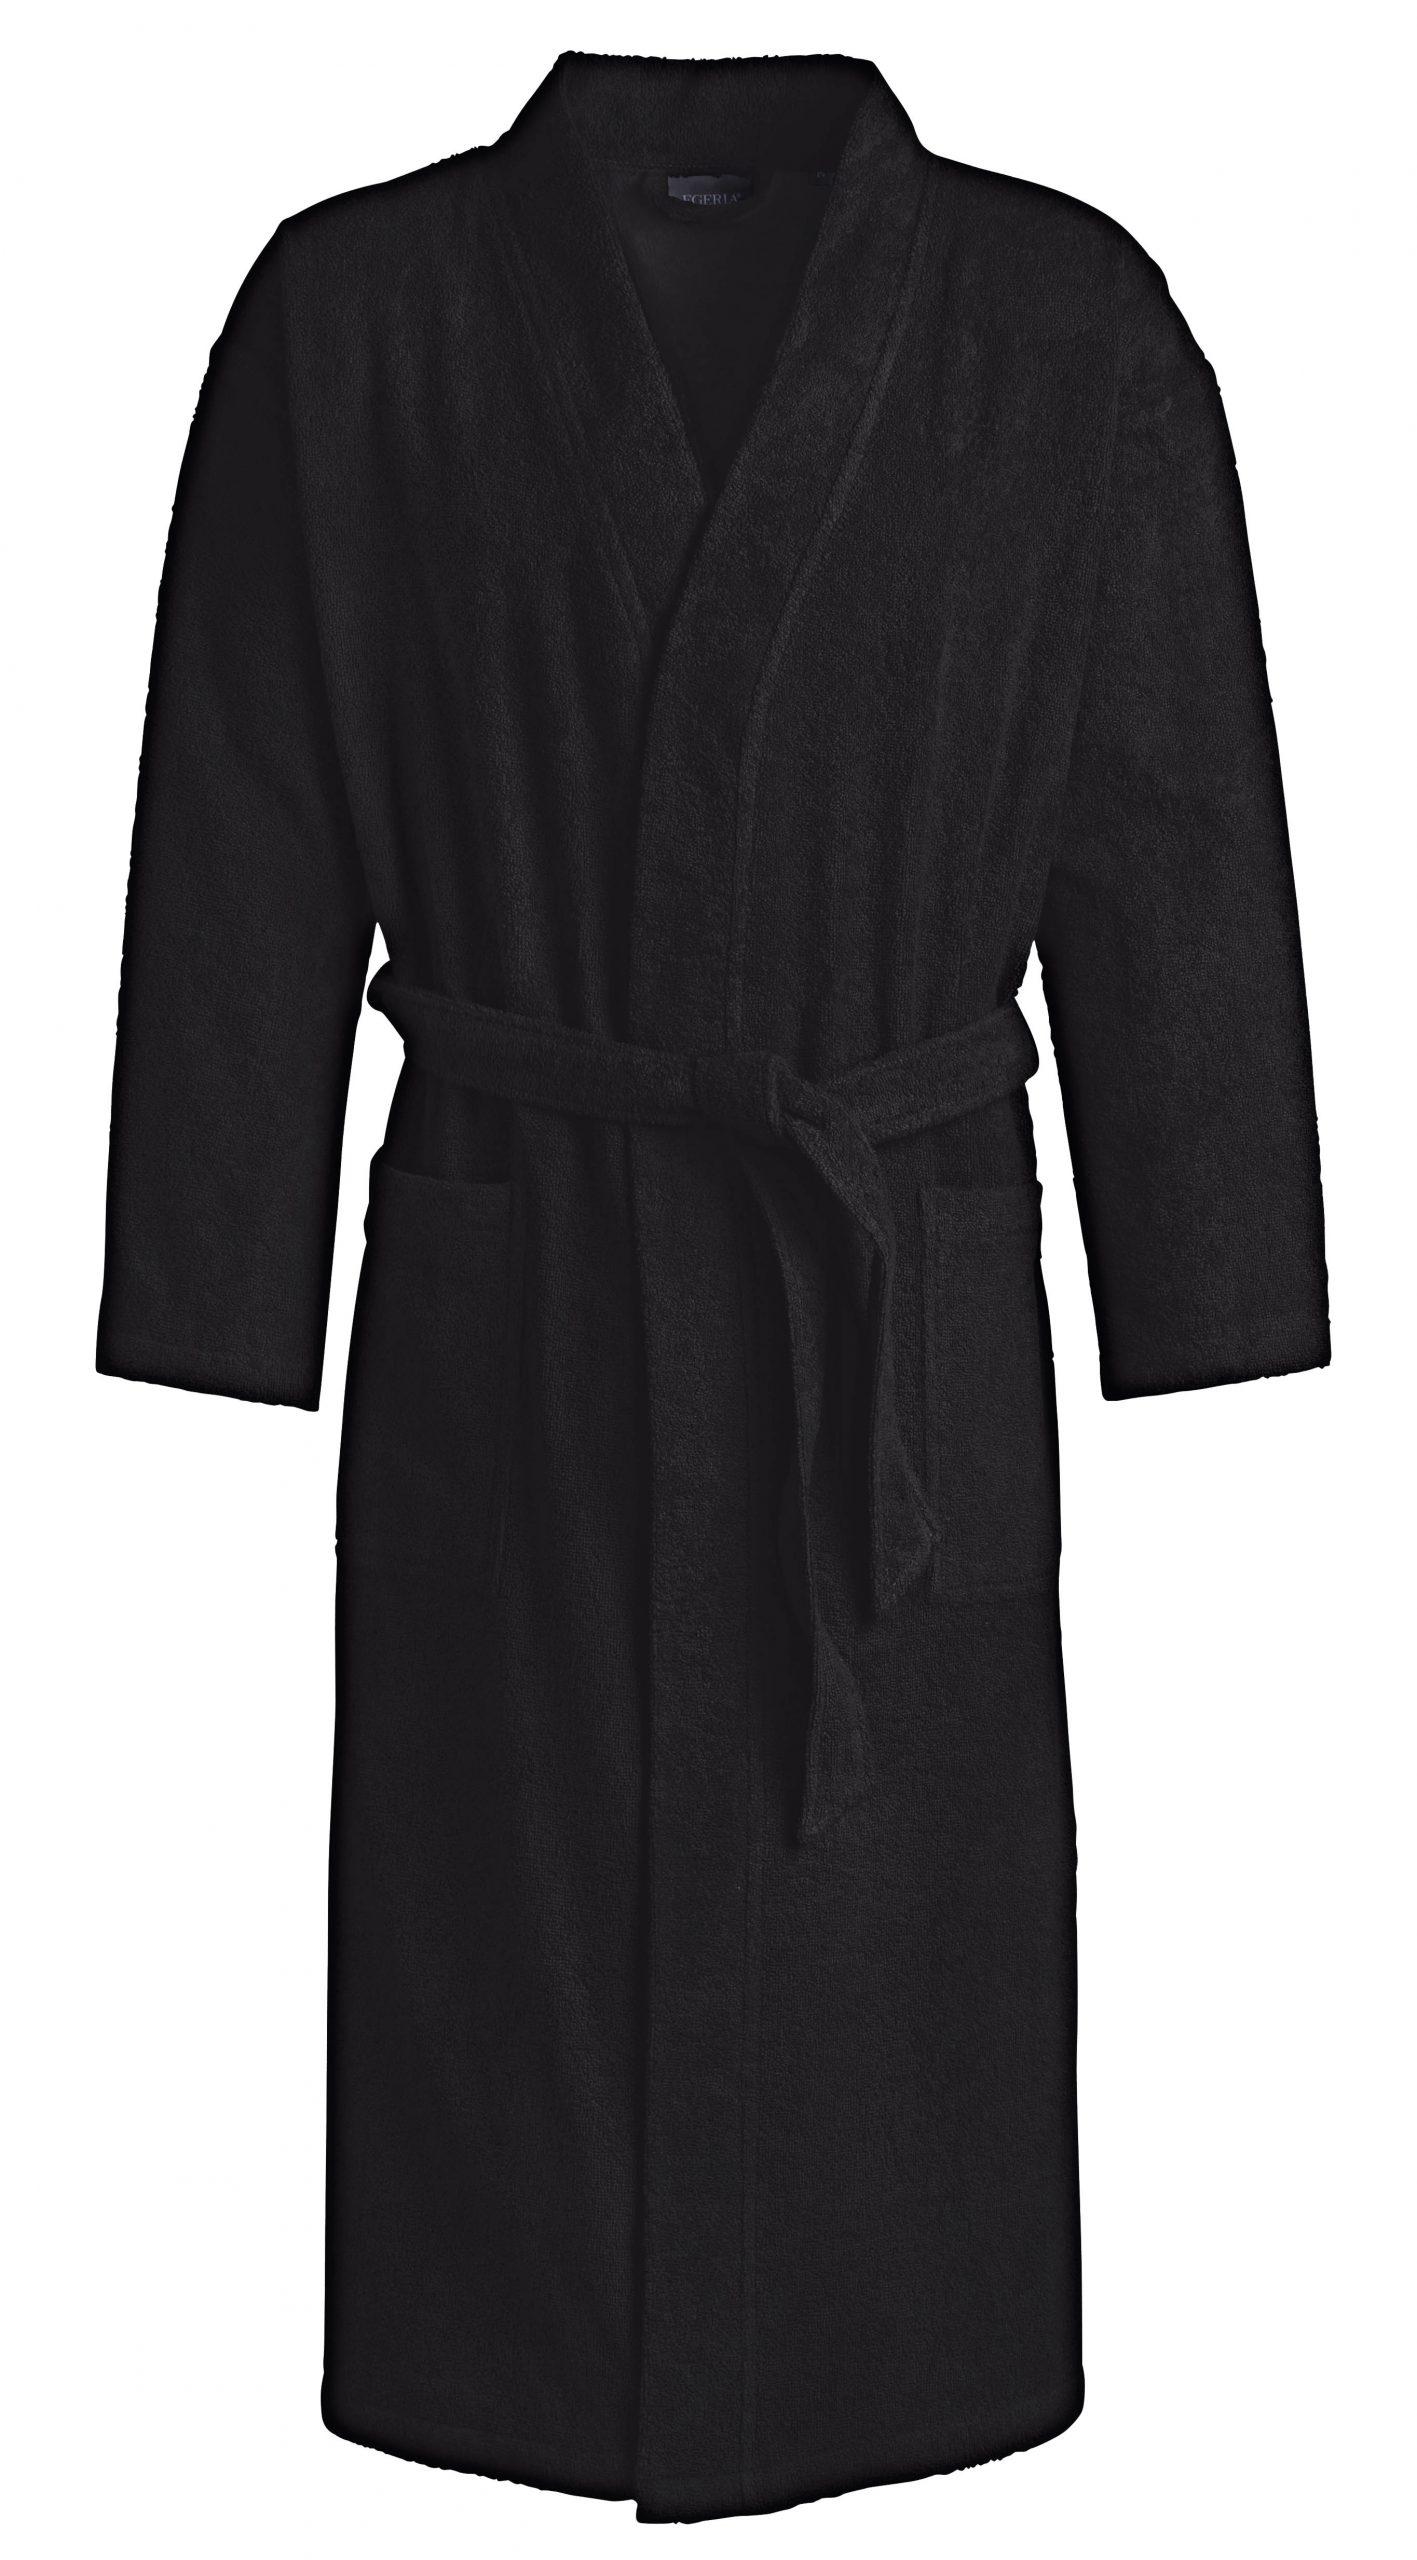 Zwarte badstof badjas in kimonomodel van Egeria-0